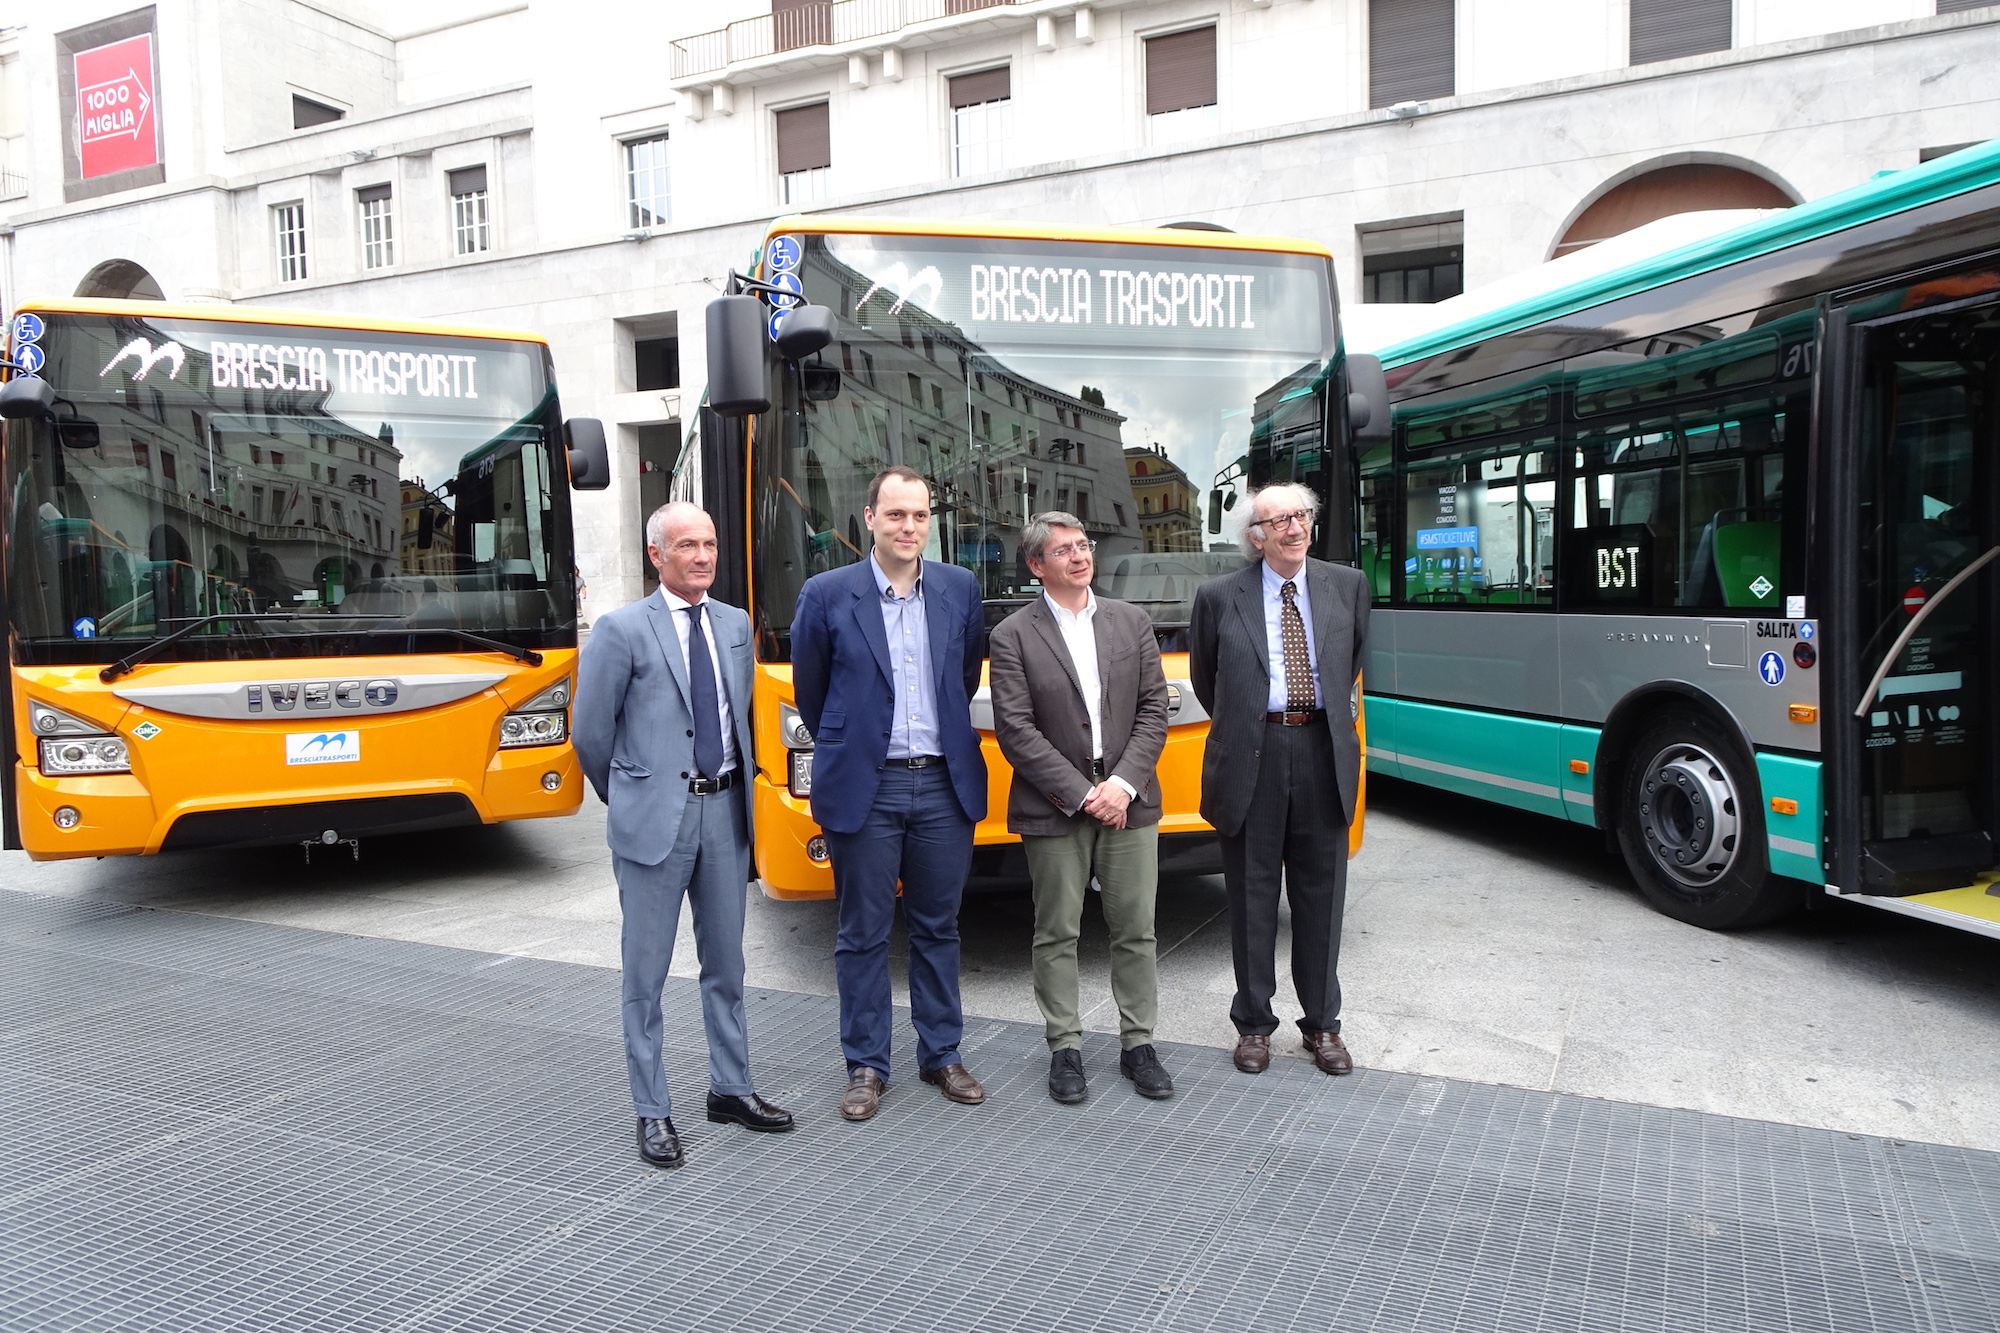 brescia mobilità autobus urbanway a metano iveco